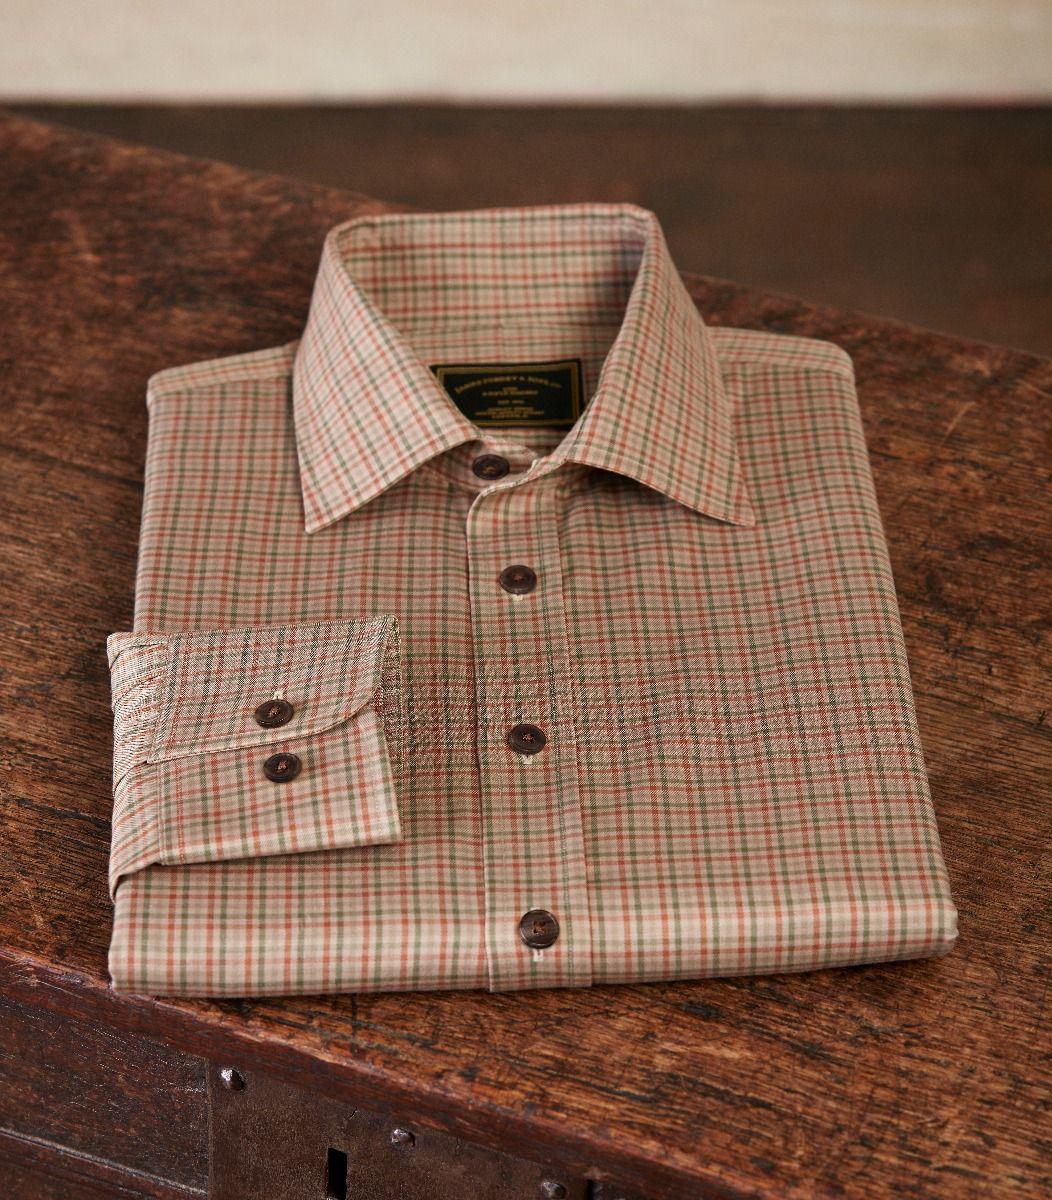 engelsk jagttøj skjorte